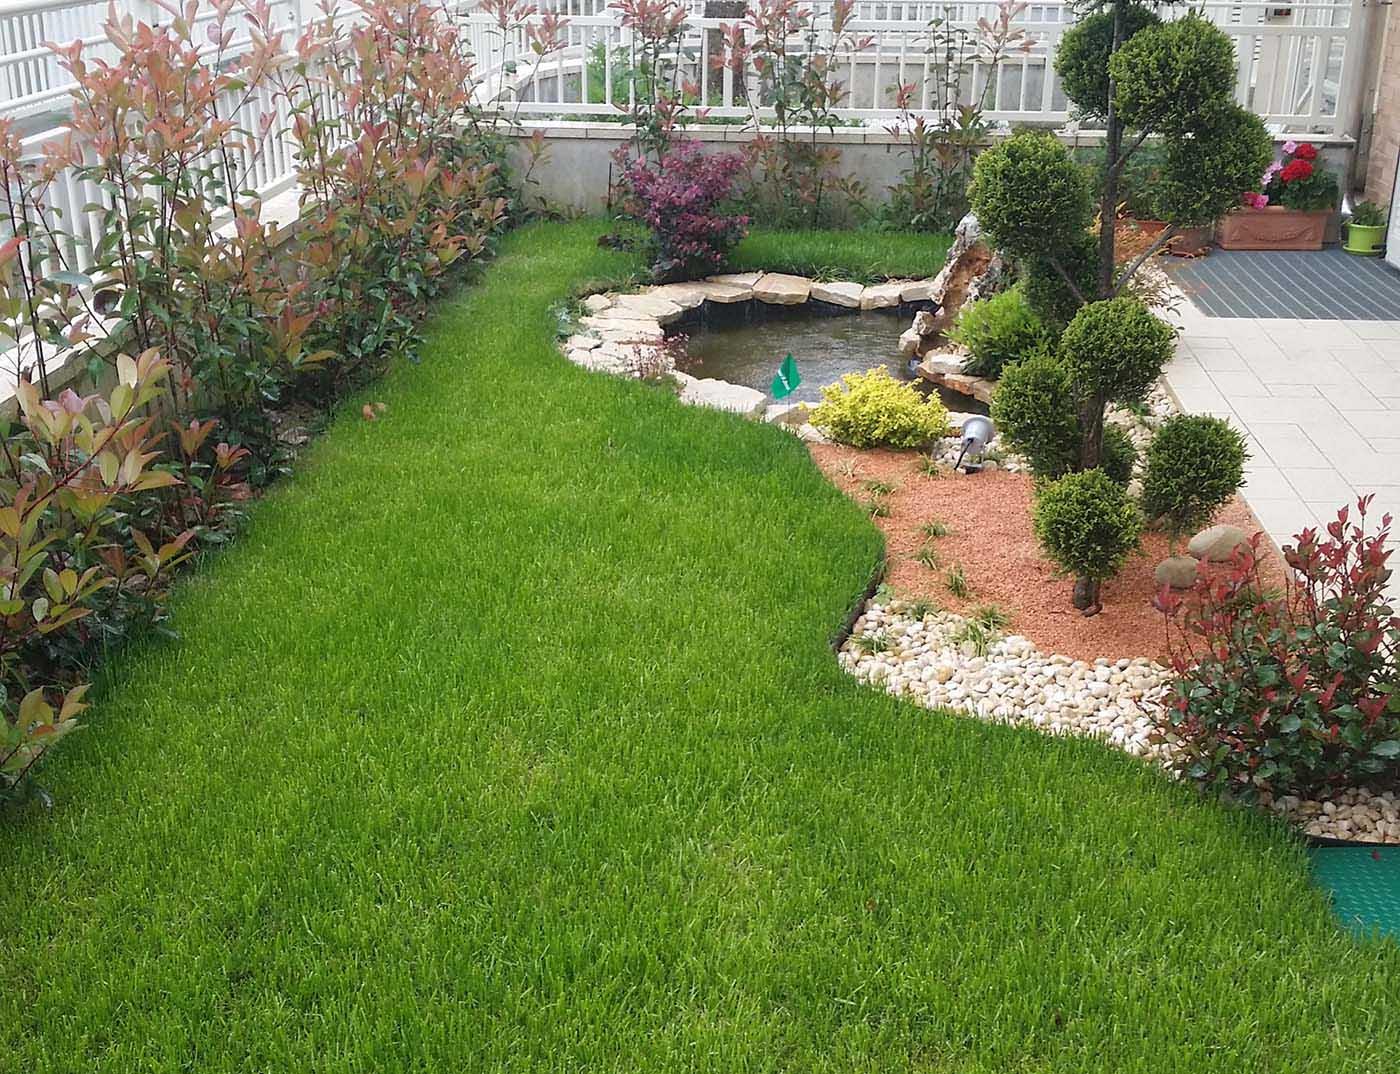 Aiuole castellarano 2 giardiniere modena green creations for Progettazione aiuole